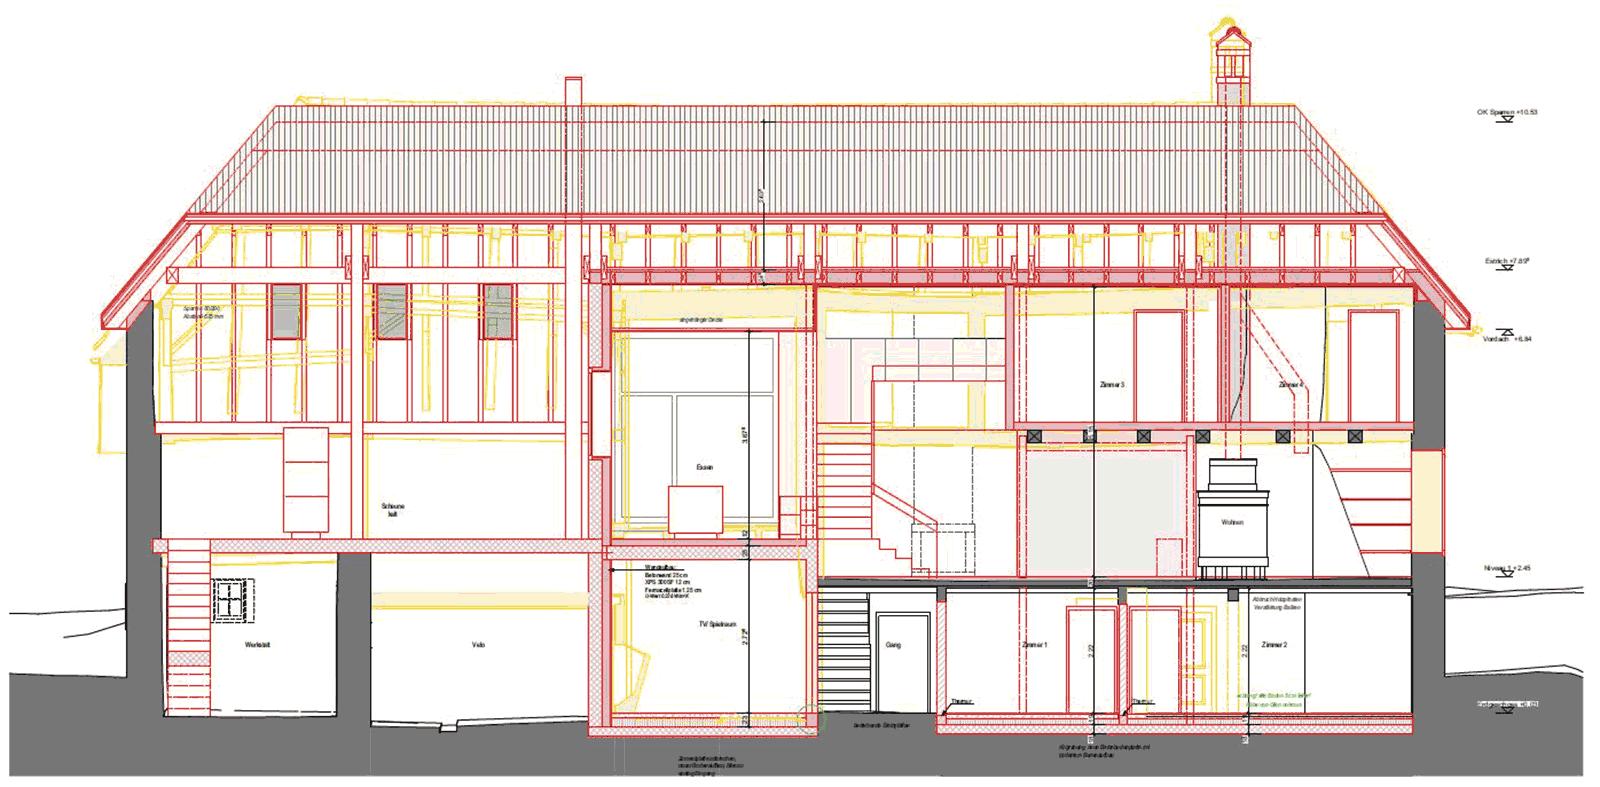 Längsschnitt Wiederaufbau denkmalgeschützes ehemaliges Bauernhaus Hauptstrasse Magglinggen